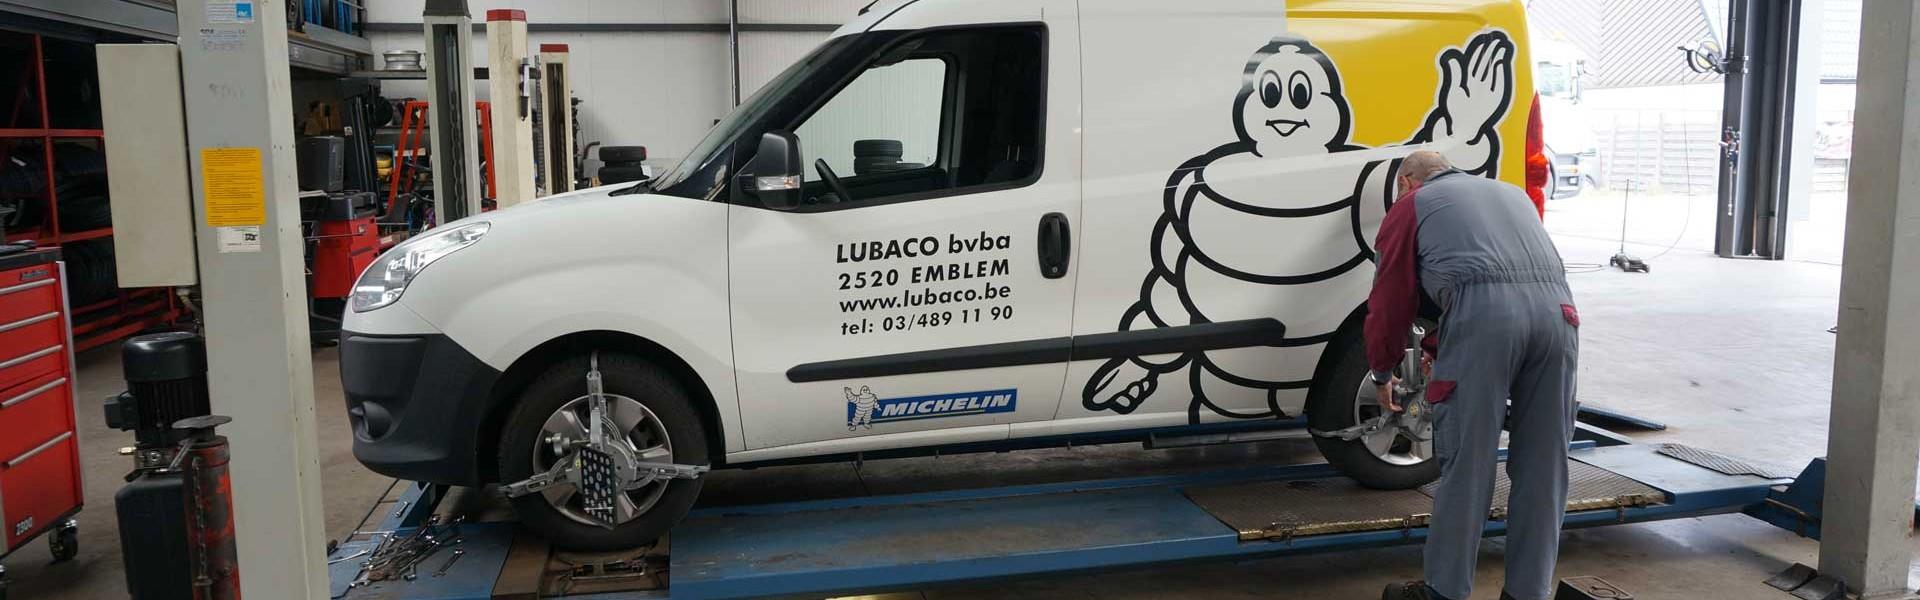 Lubaco-uitlijning